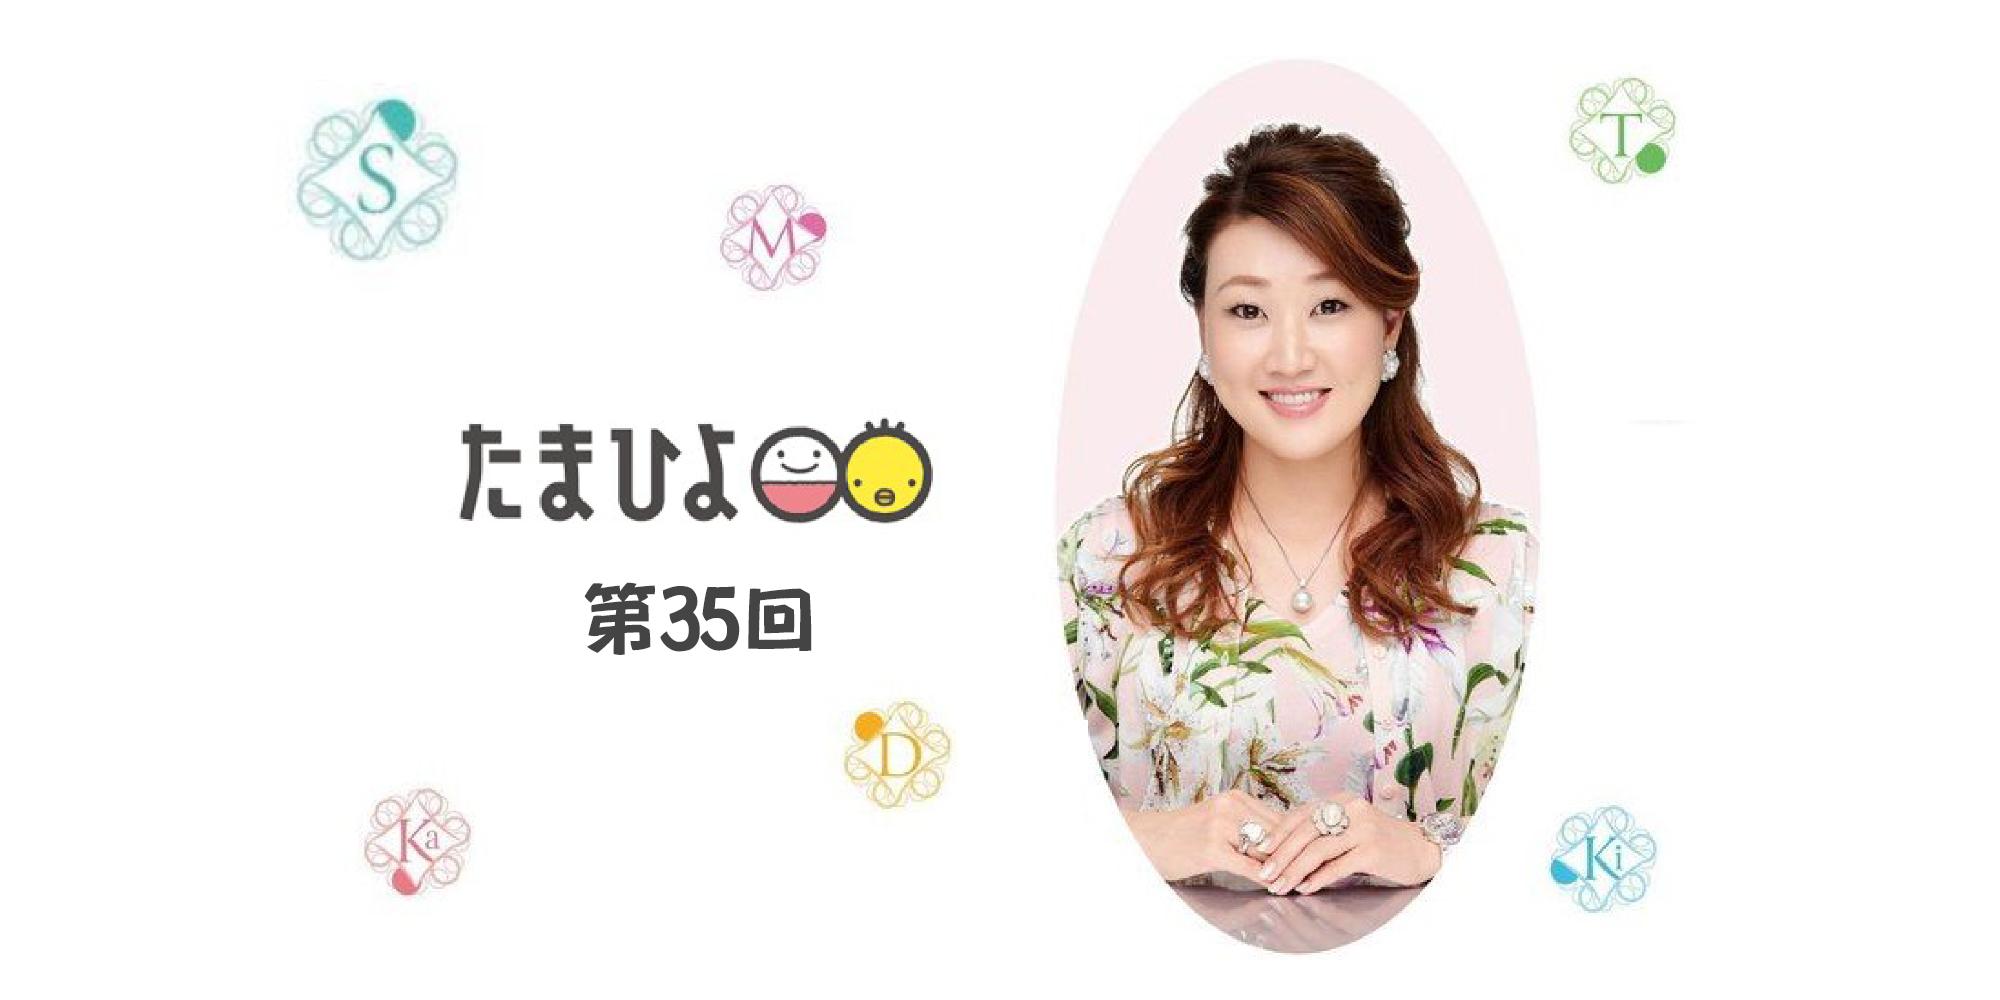 「産後、夫にすぐイライラしてしまう」細木かおりさんの人生相談第35回